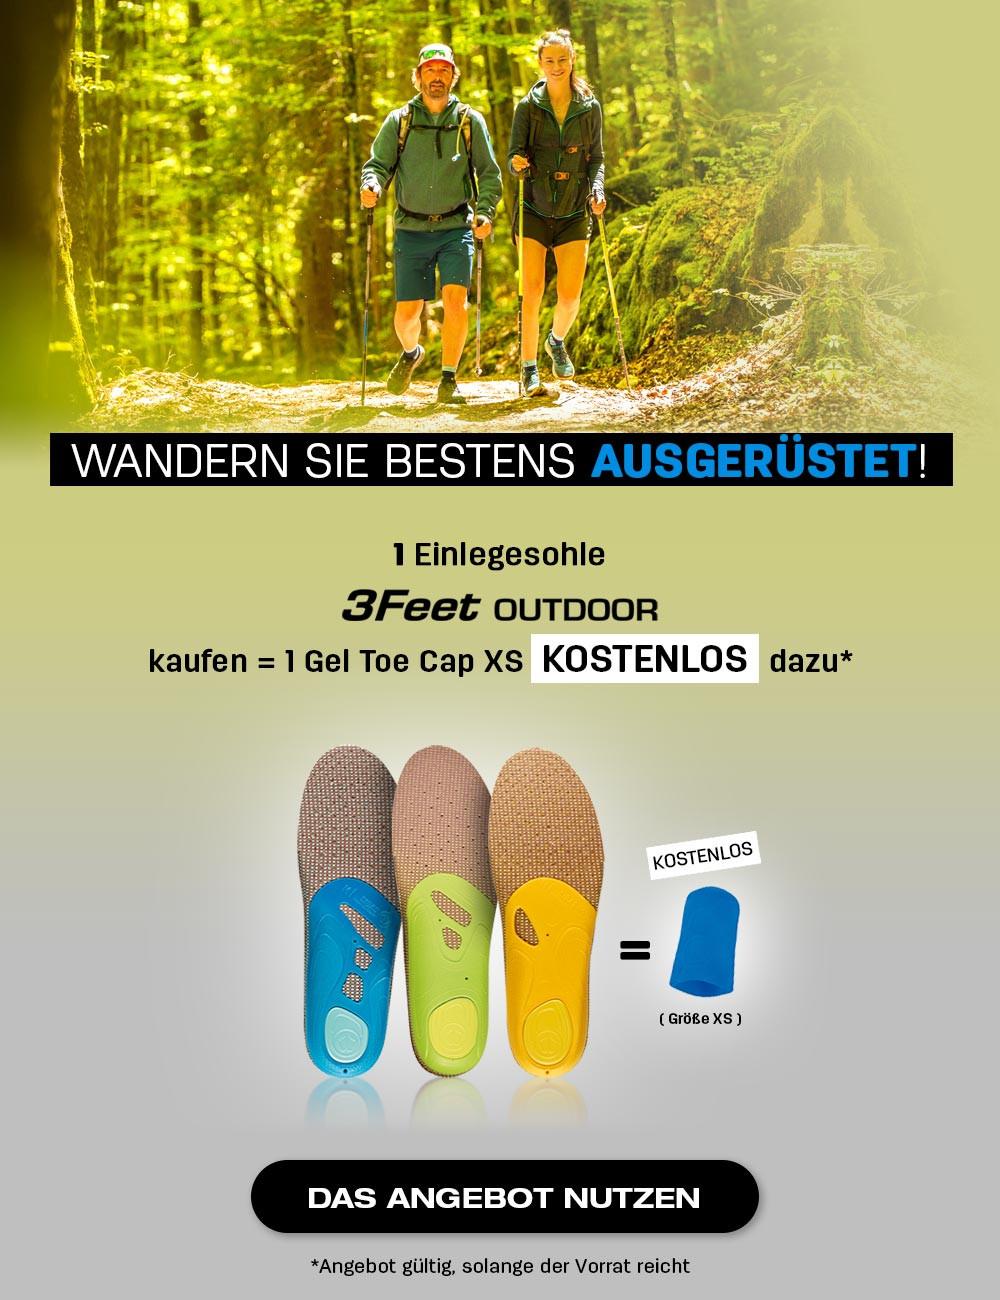 Holen Sie sich Ihre kostenlose Gel-Zehenkappe XS, wenn Sie ein Paar 3 Feet Outdoor kaufen